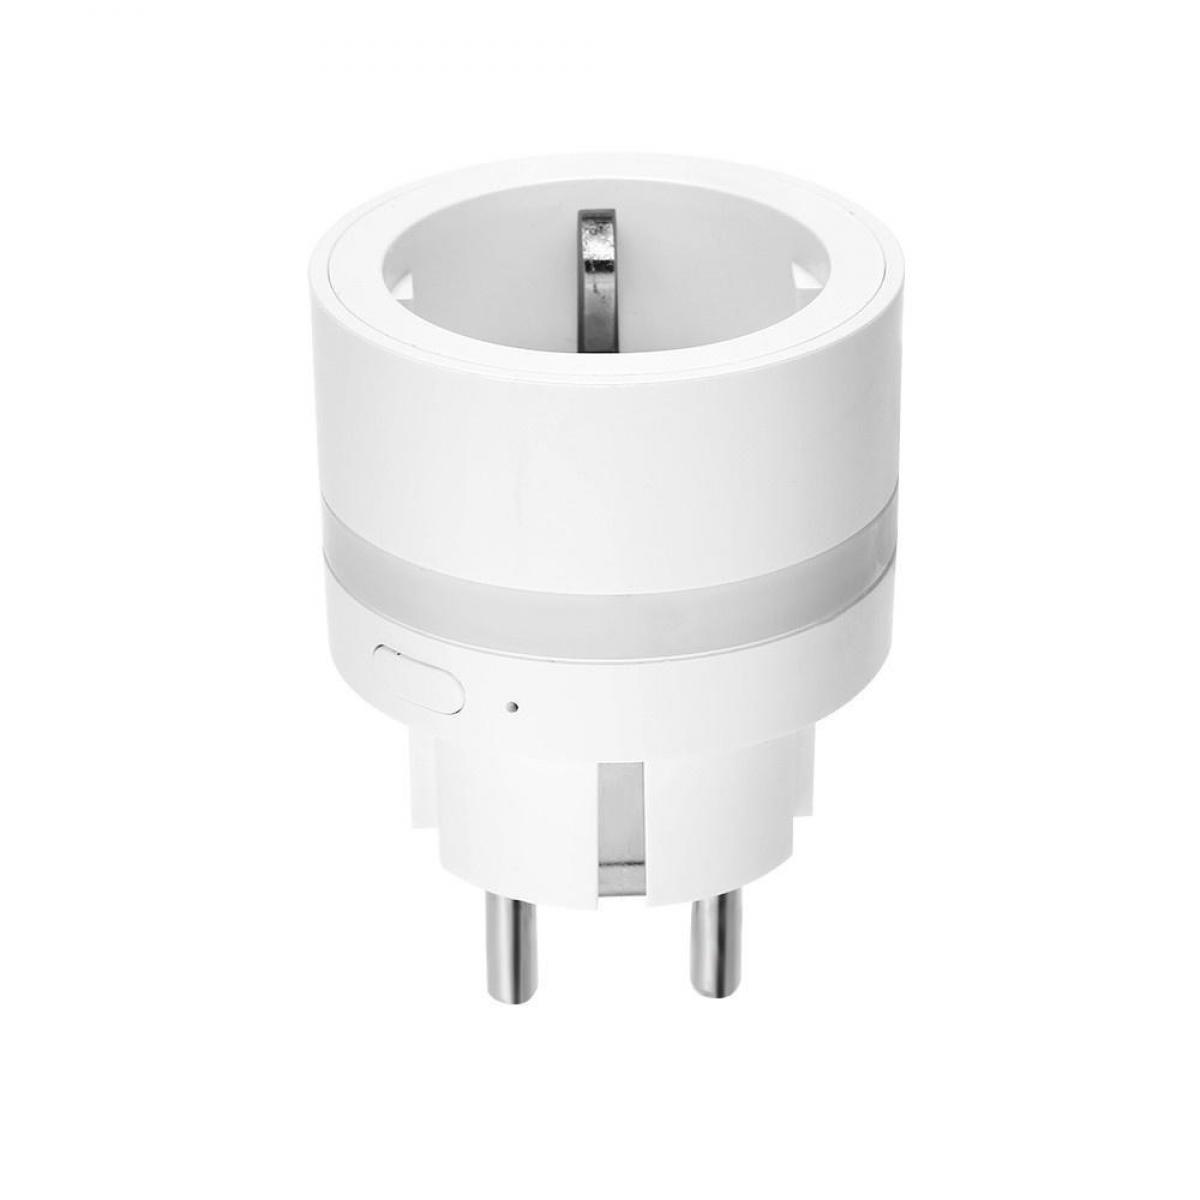 Justgreenbox Prise WIFI intelligente avec éclairage de nuit à LED Prise en charge de la connexion à distance de l'application télépho